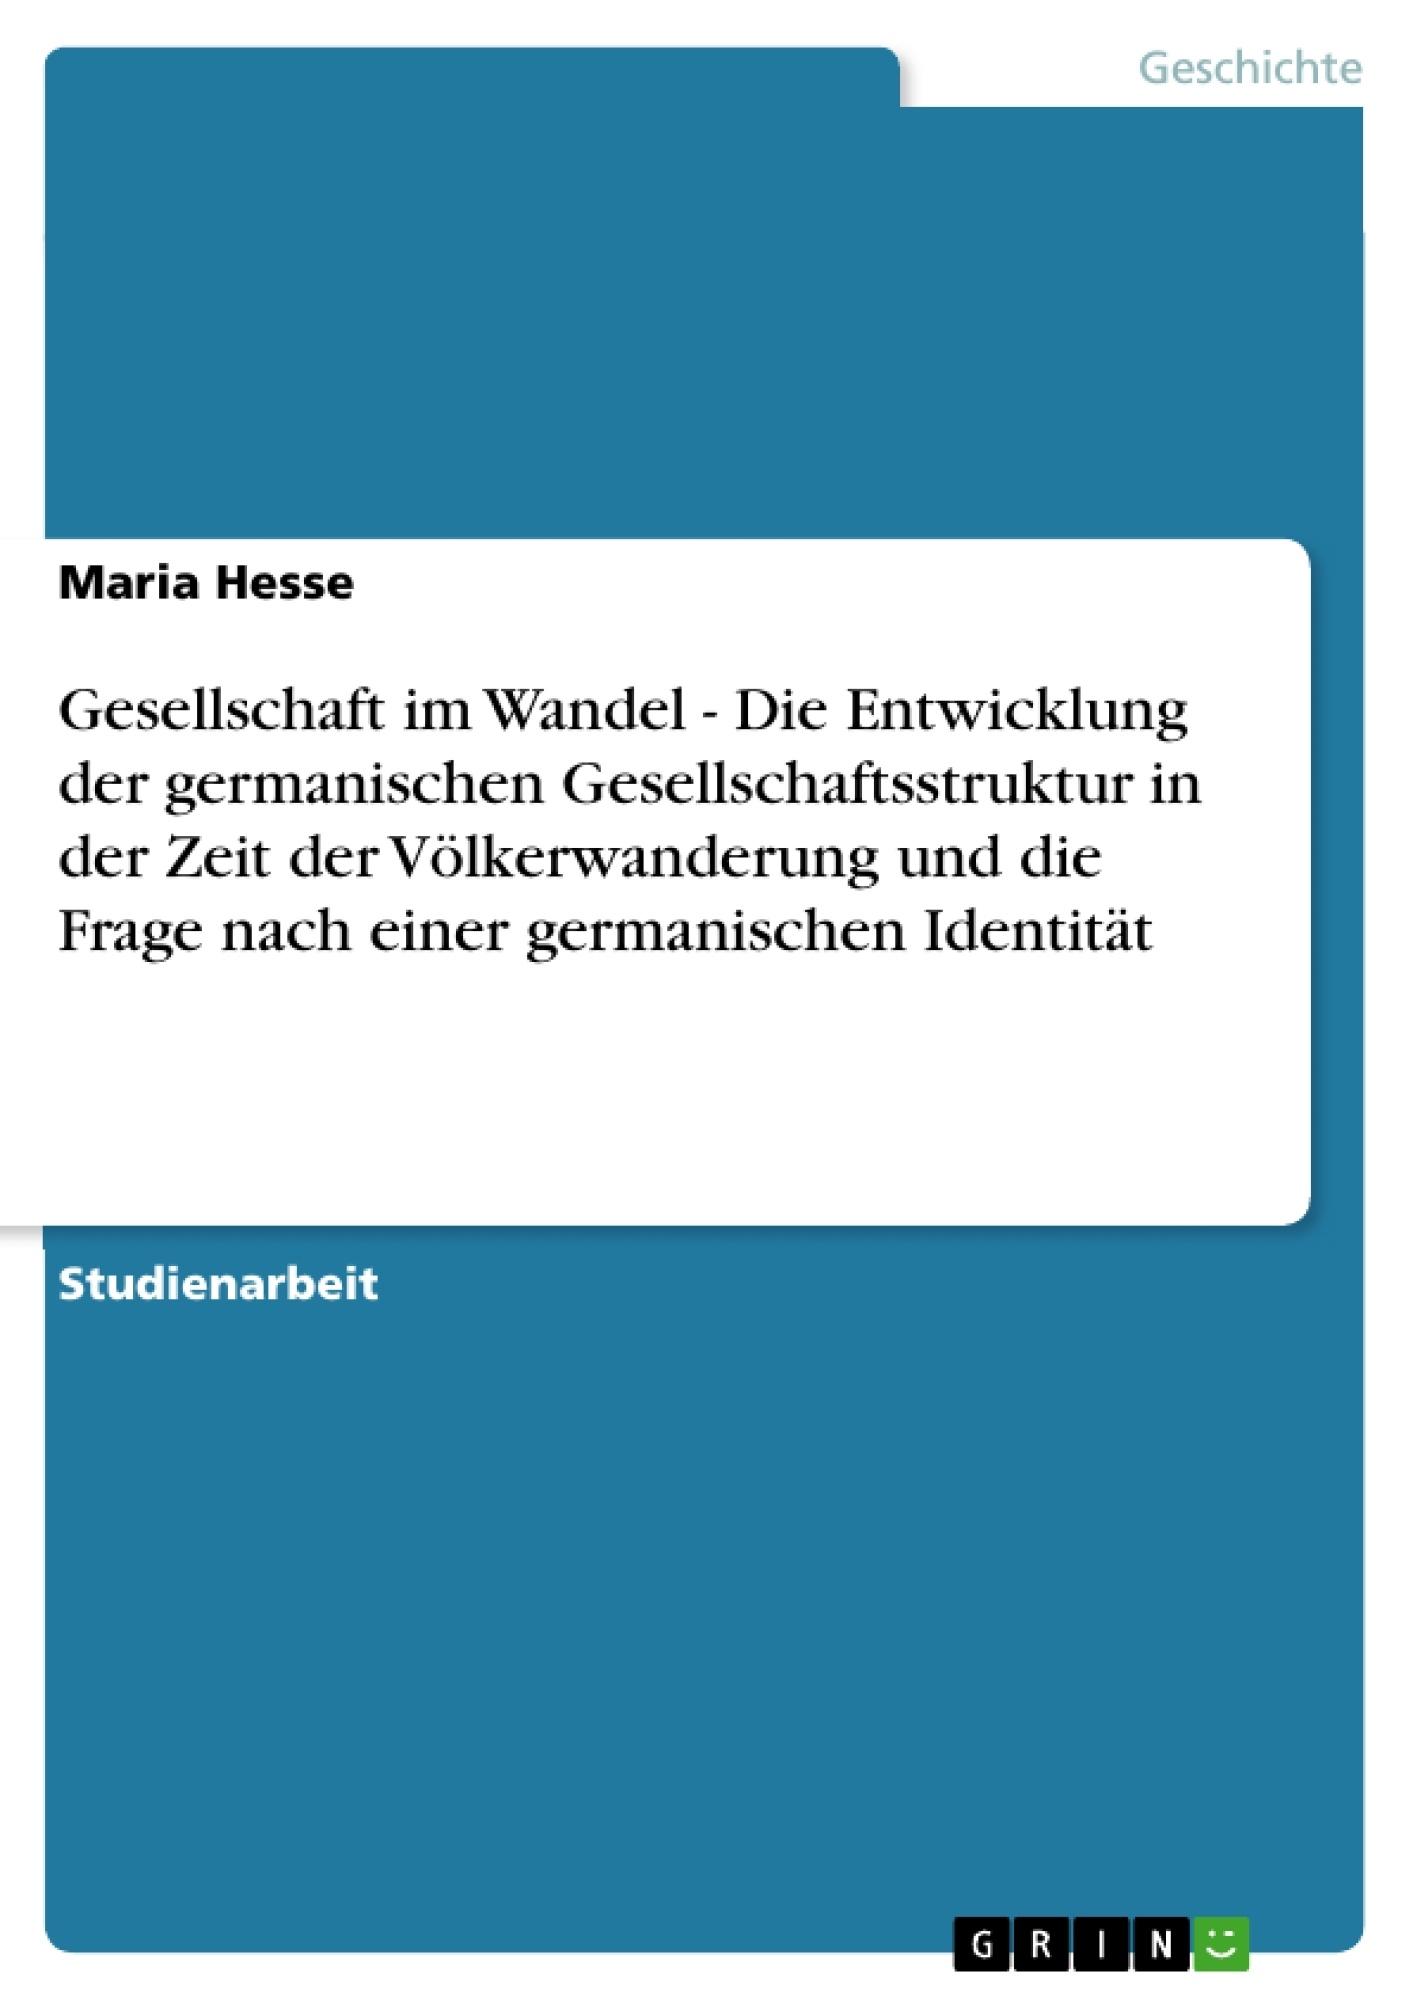 Titel: Gesellschaft im Wandel - Die Entwicklung der germanischen Gesellschaftsstruktur in der Zeit der Völkerwanderung und die Frage nach einer germanischen Identität